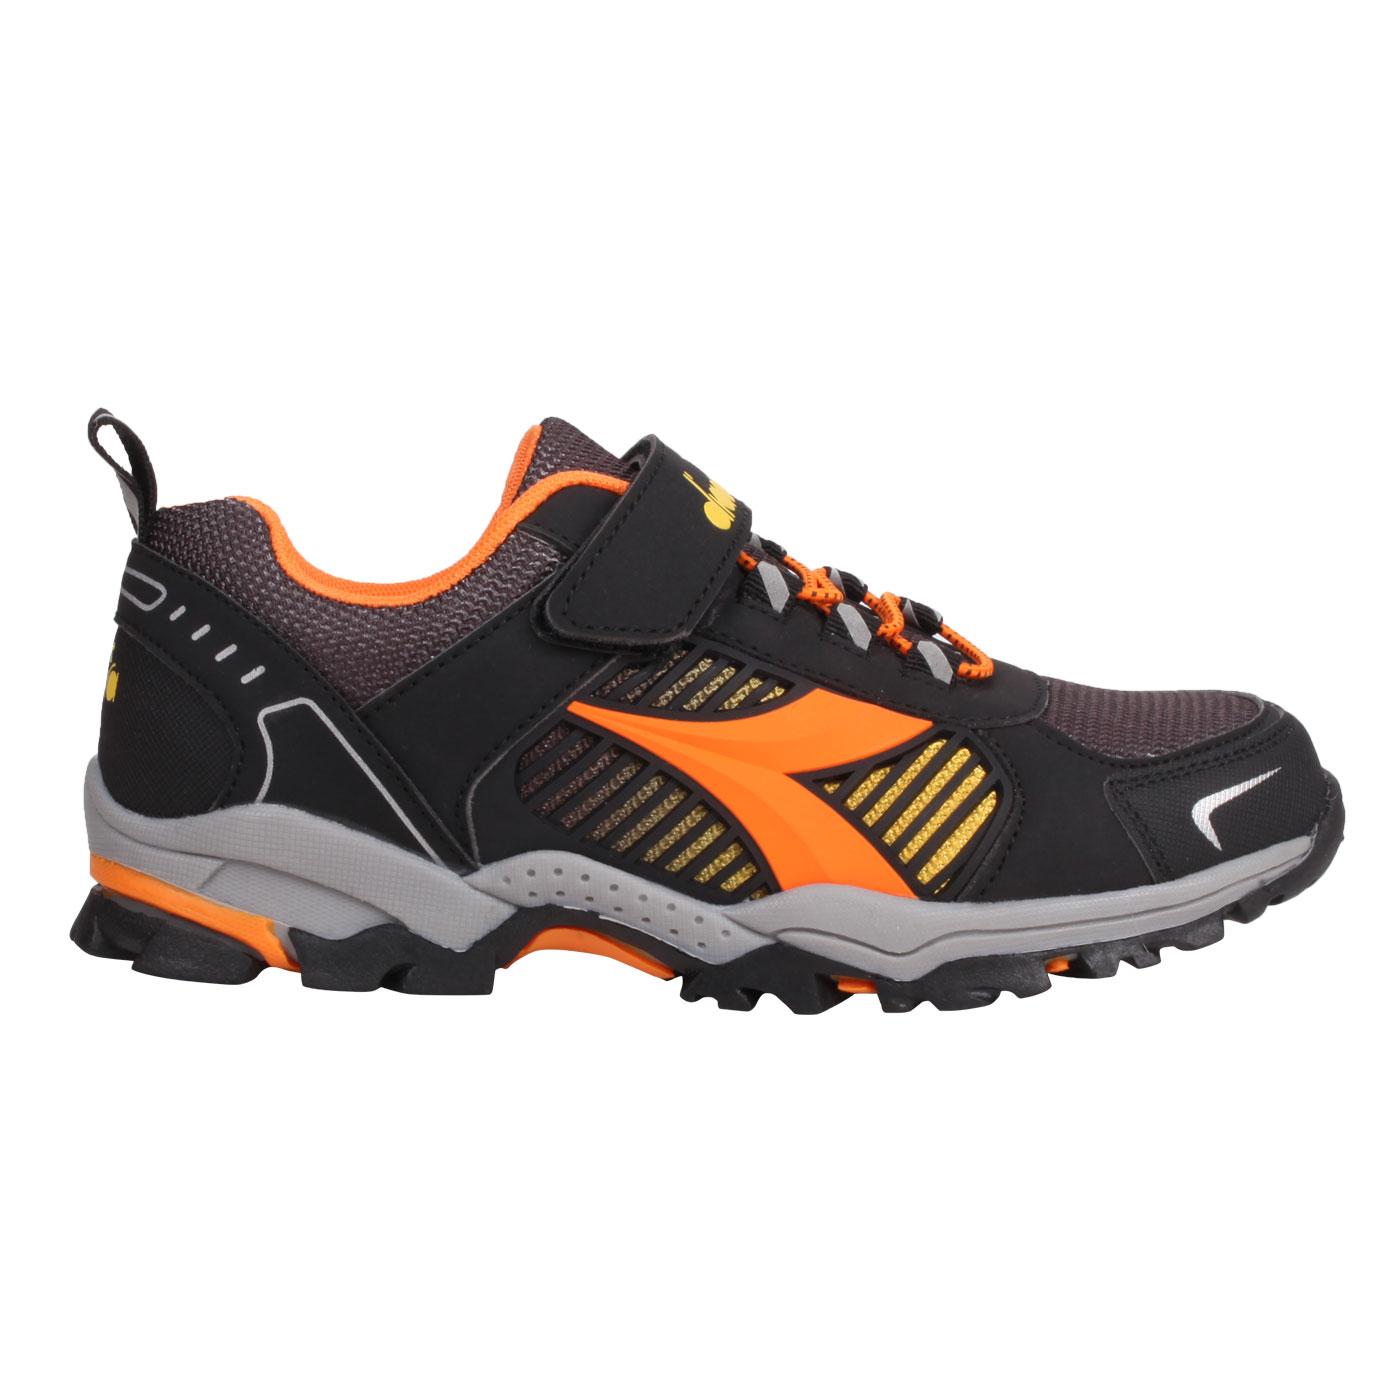 DIADORA 大童戶外越野慢跑鞋-超寬楦 DA13006 - 黑橘黃